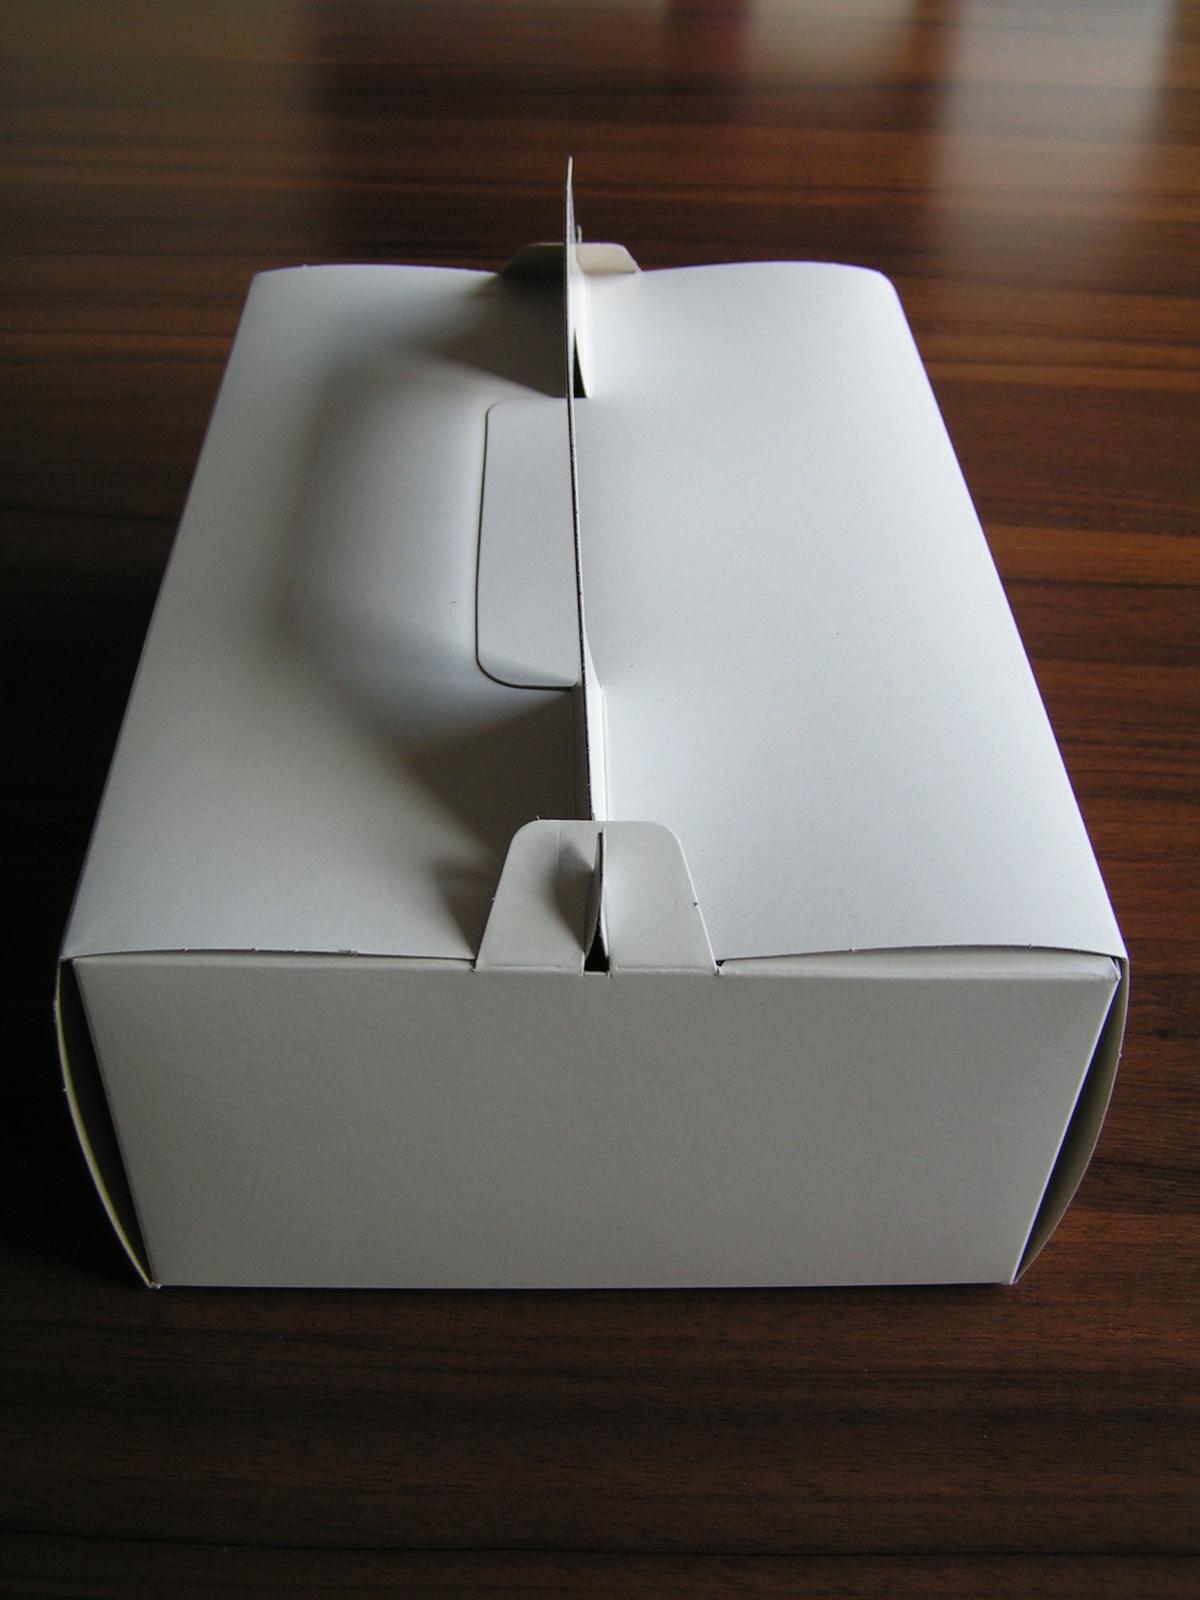 Krabičky na výslužky - Obrázek č. 2